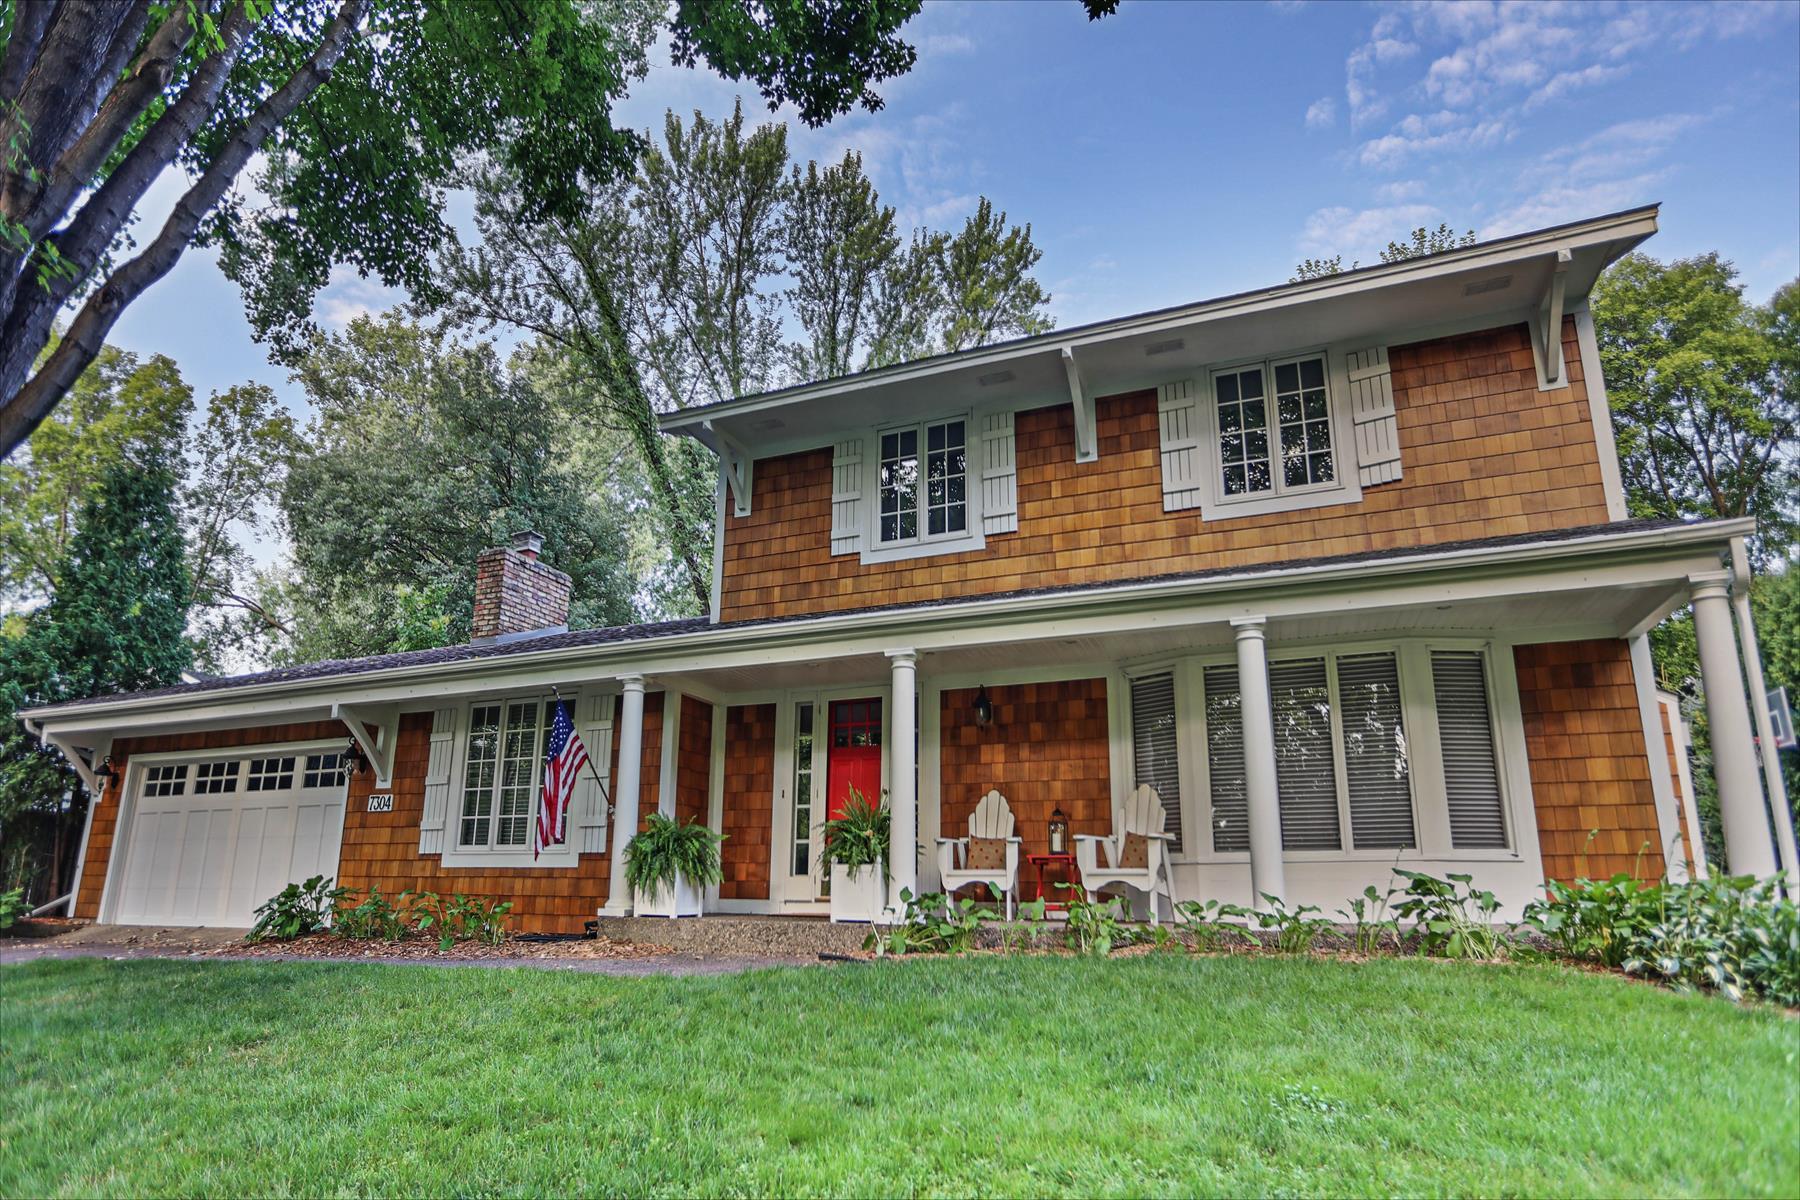 Single Family Home for Sale at 7304 Tara Road, Edina Edina, Minnesota 55436 United States